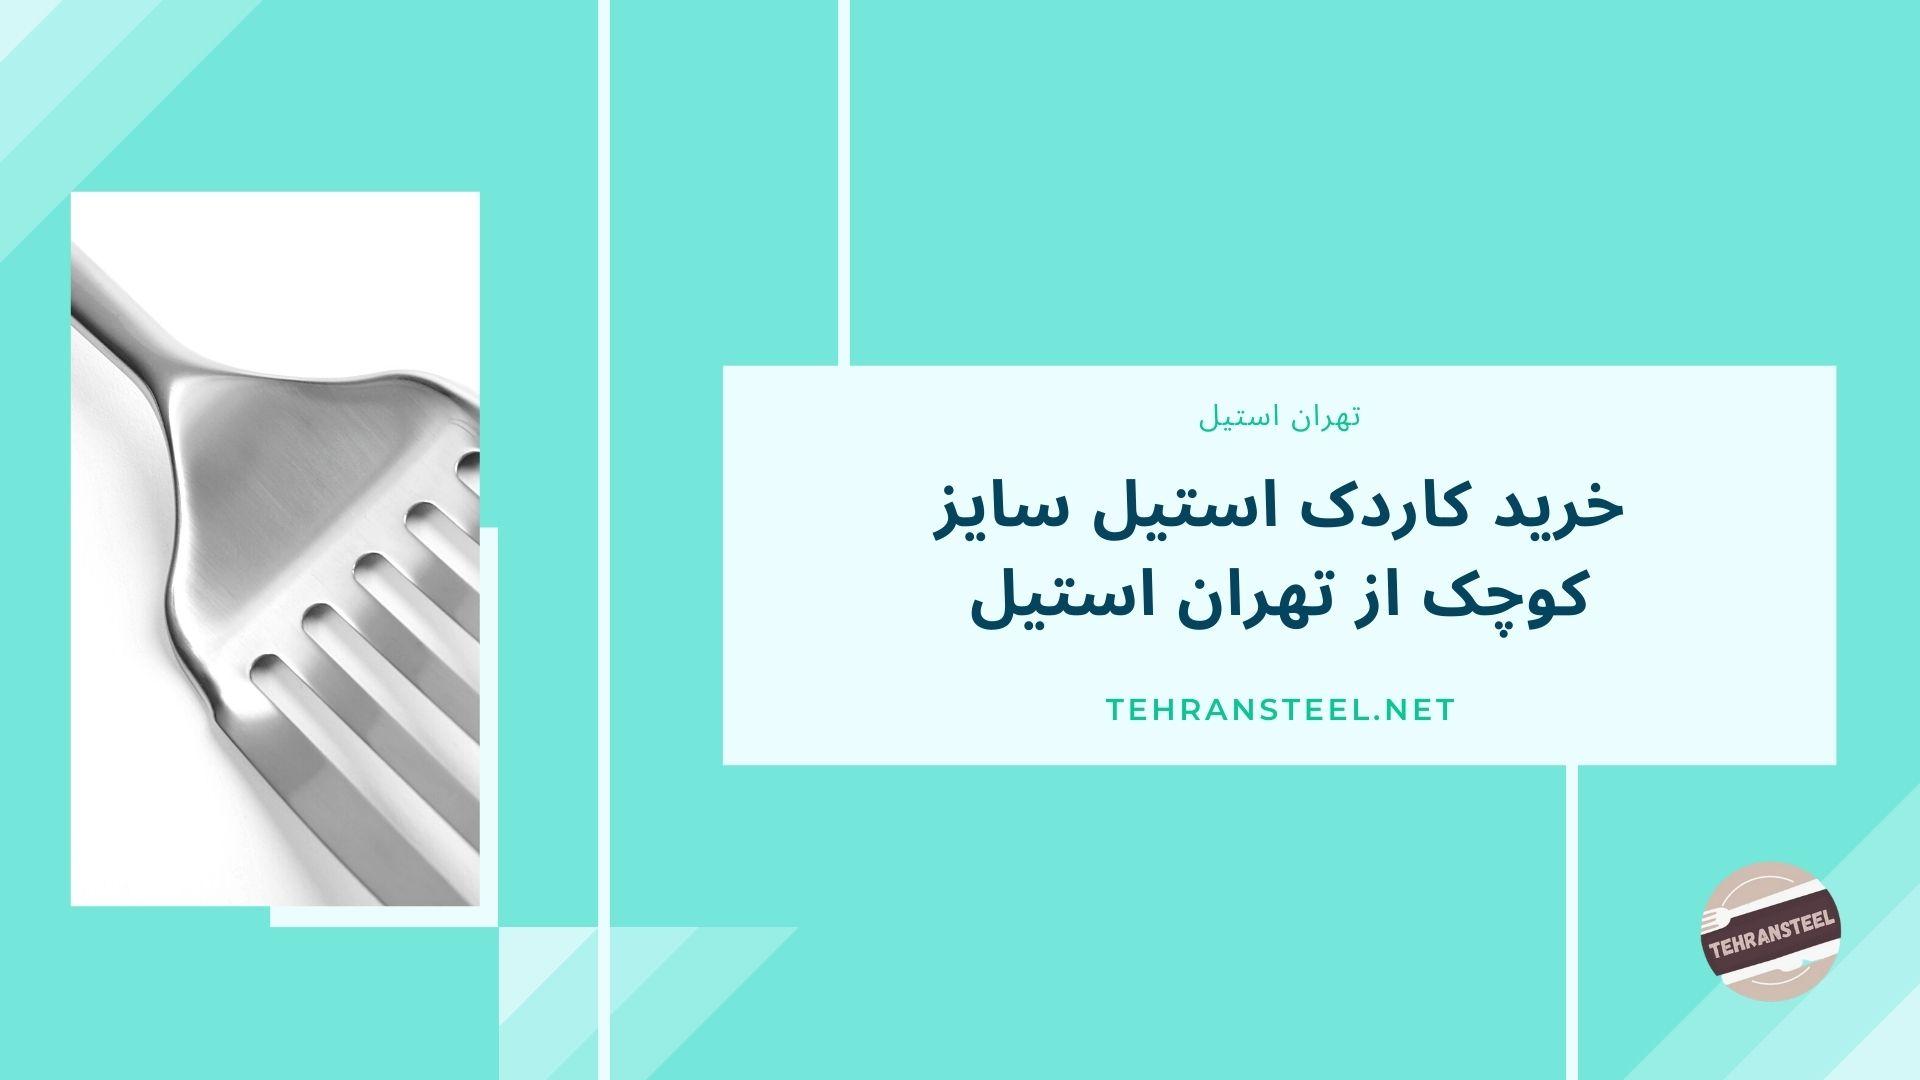 خرید کاردک استیل سایز کوچک از تهران استیل